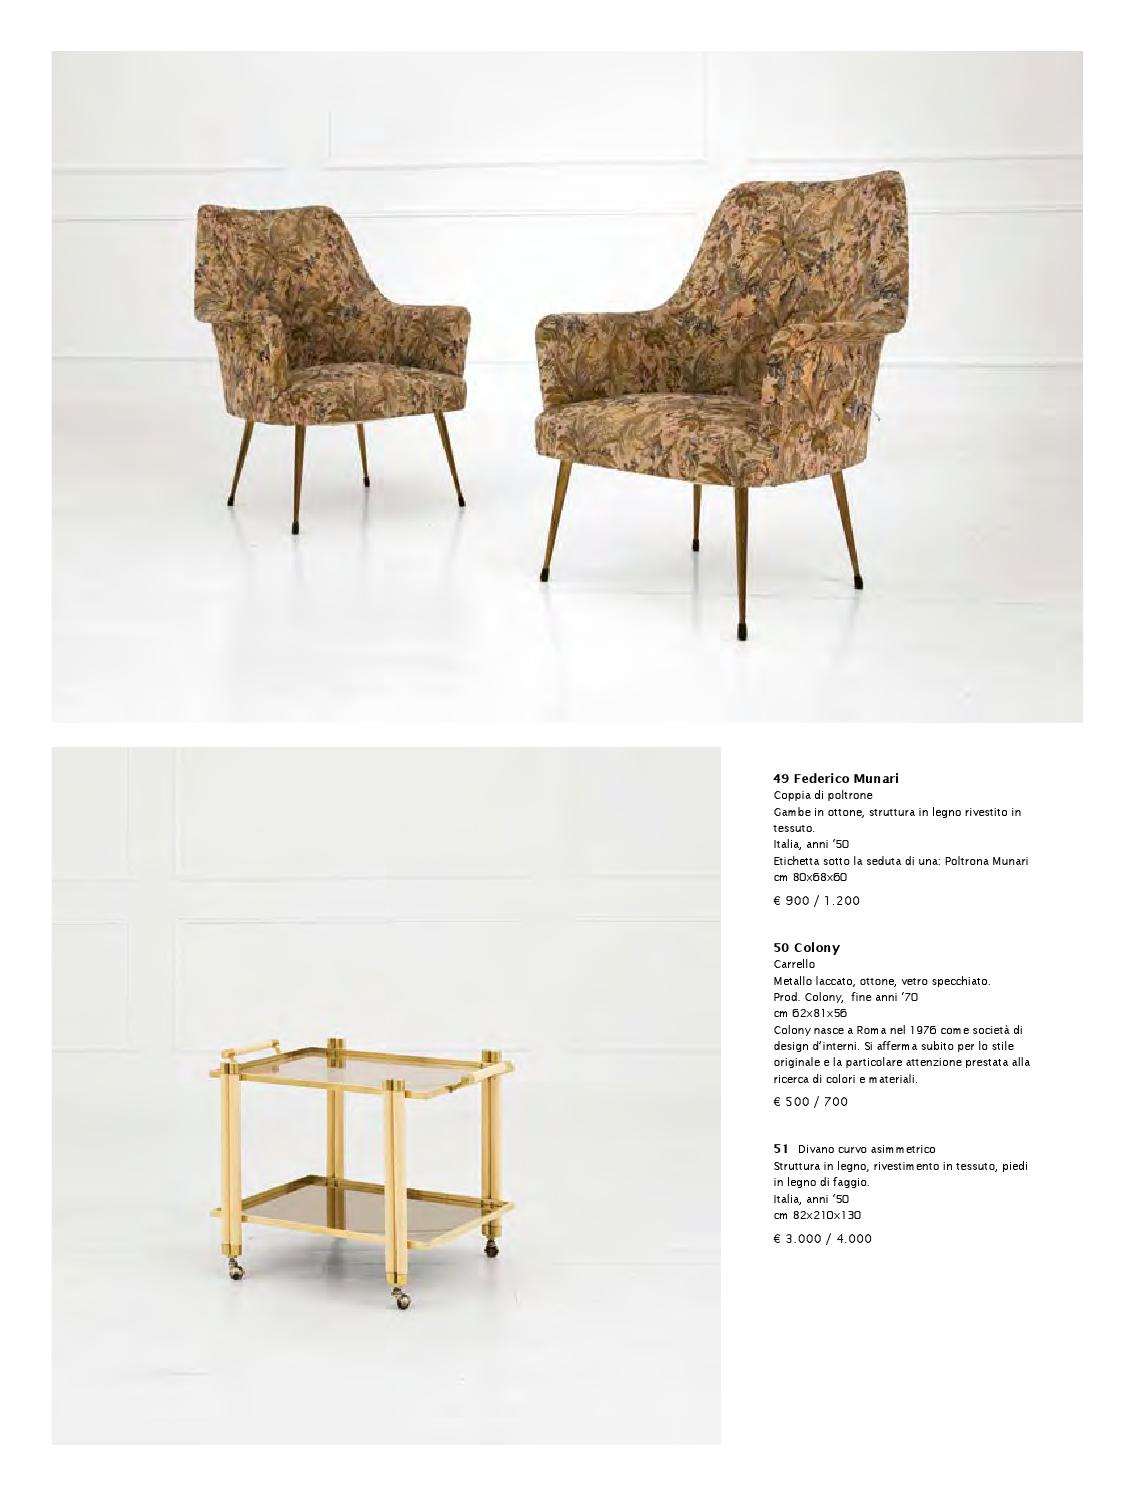 Anni 70 Colori let design speak for itself | vebuka